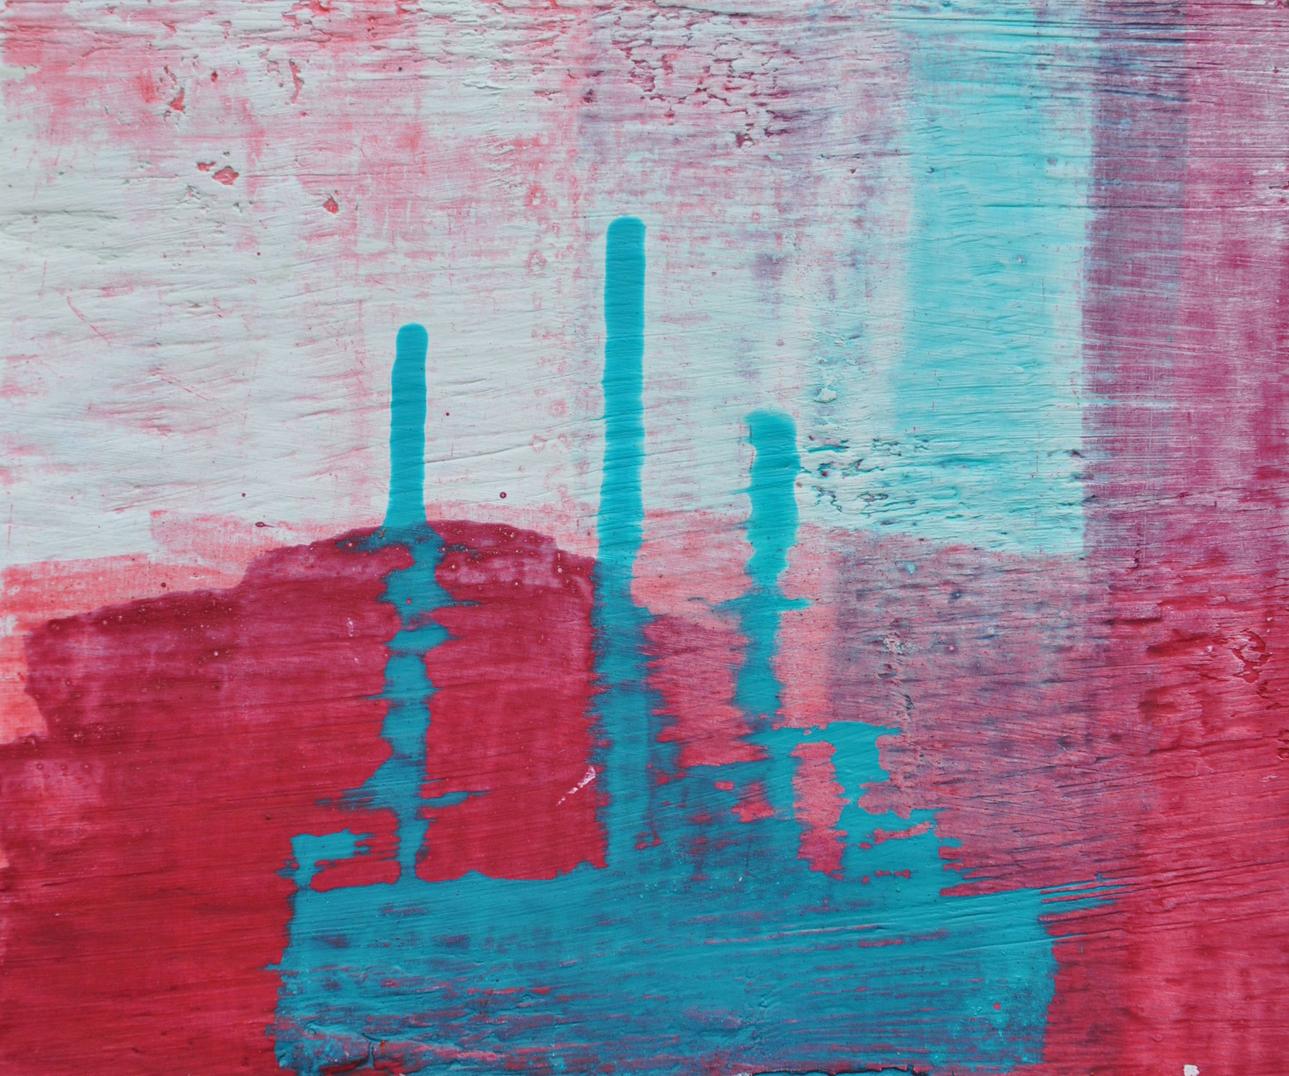 1) Smal Painting single image 1 sml.jpg